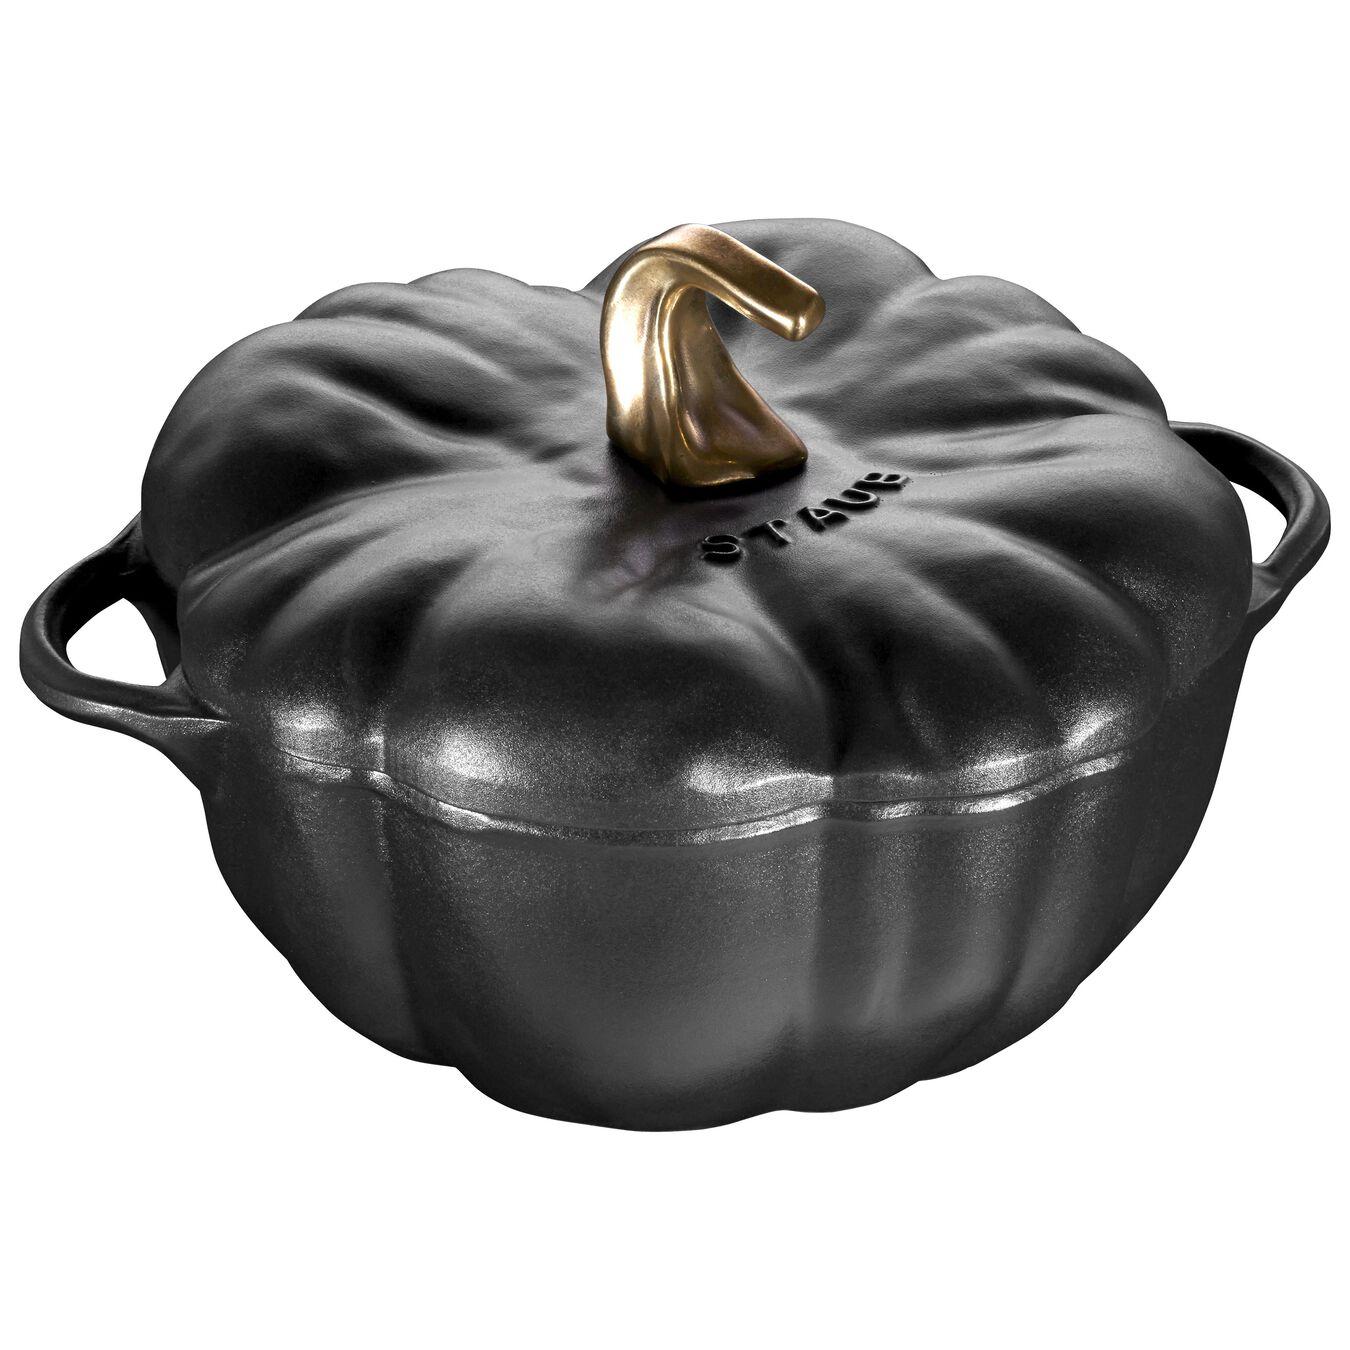 3.5 l Cast iron pumpkin Cocotte, Black,,large 1